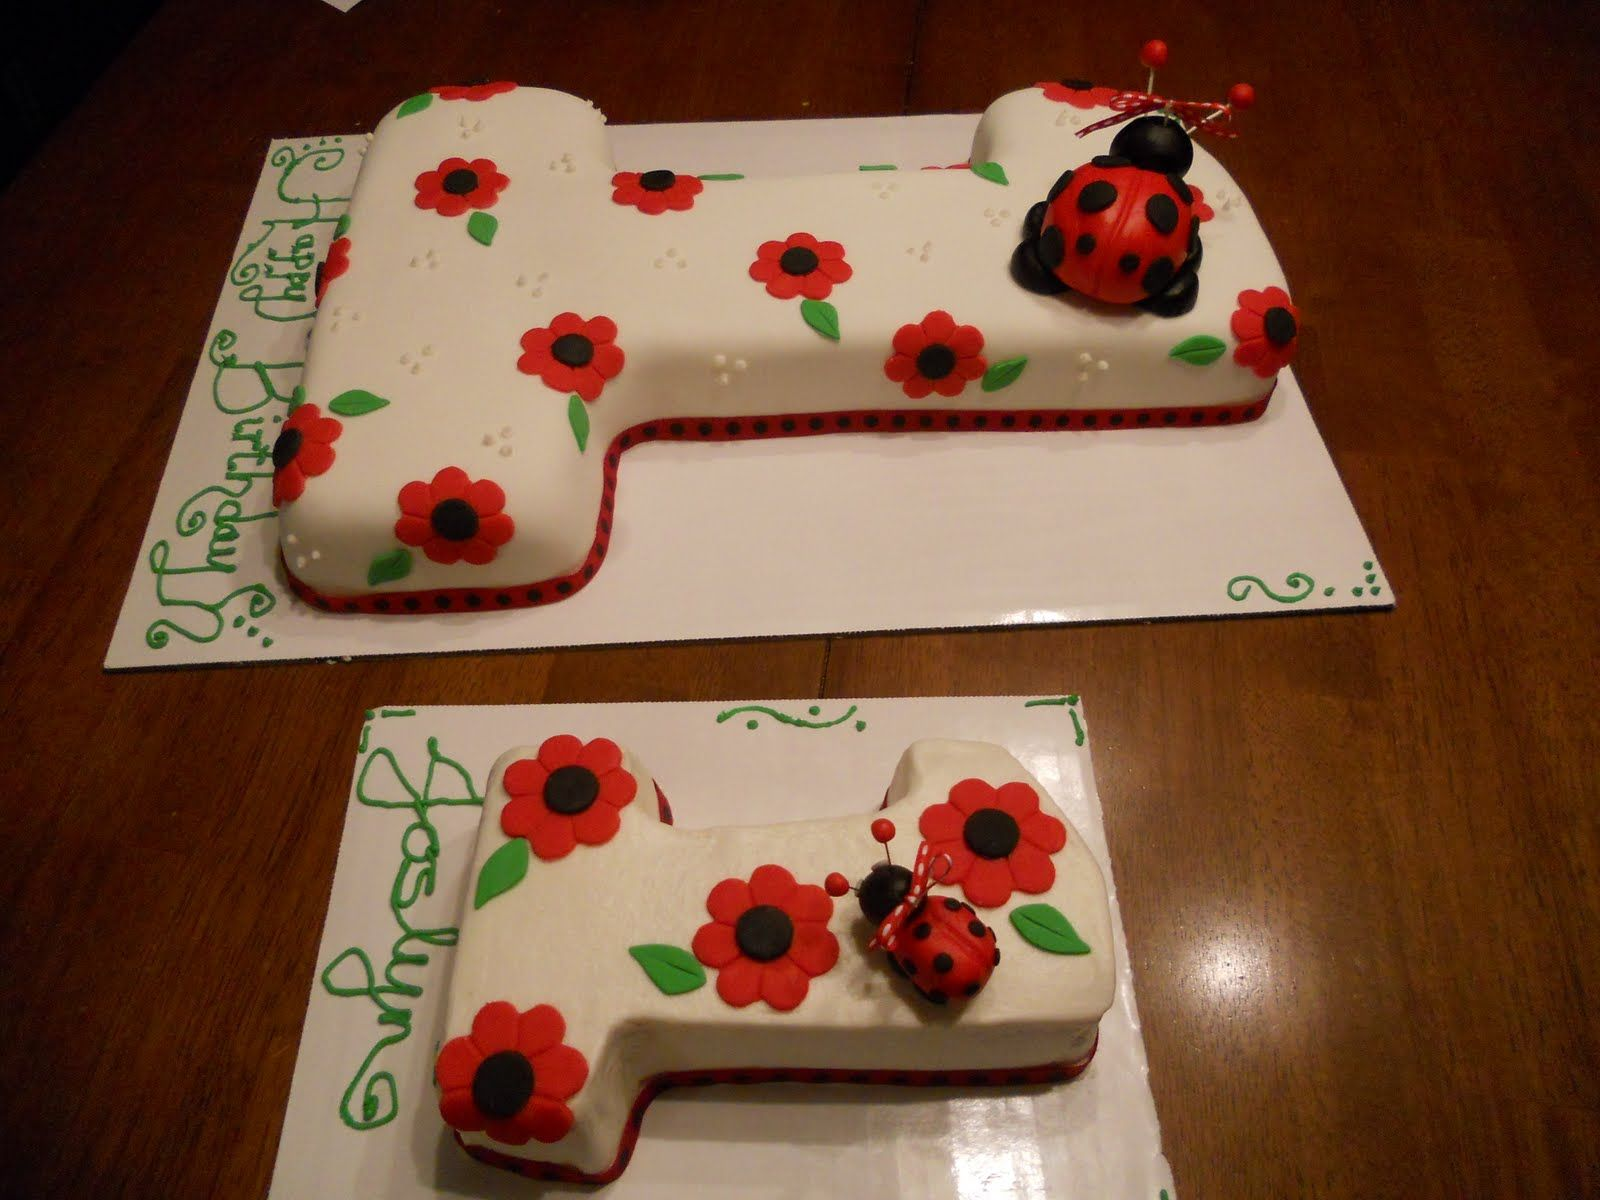 Tremendous First Birthday Ladybug Cake Ladybug 1St Birthdays First Funny Birthday Cards Online Kookostrdamsfinfo